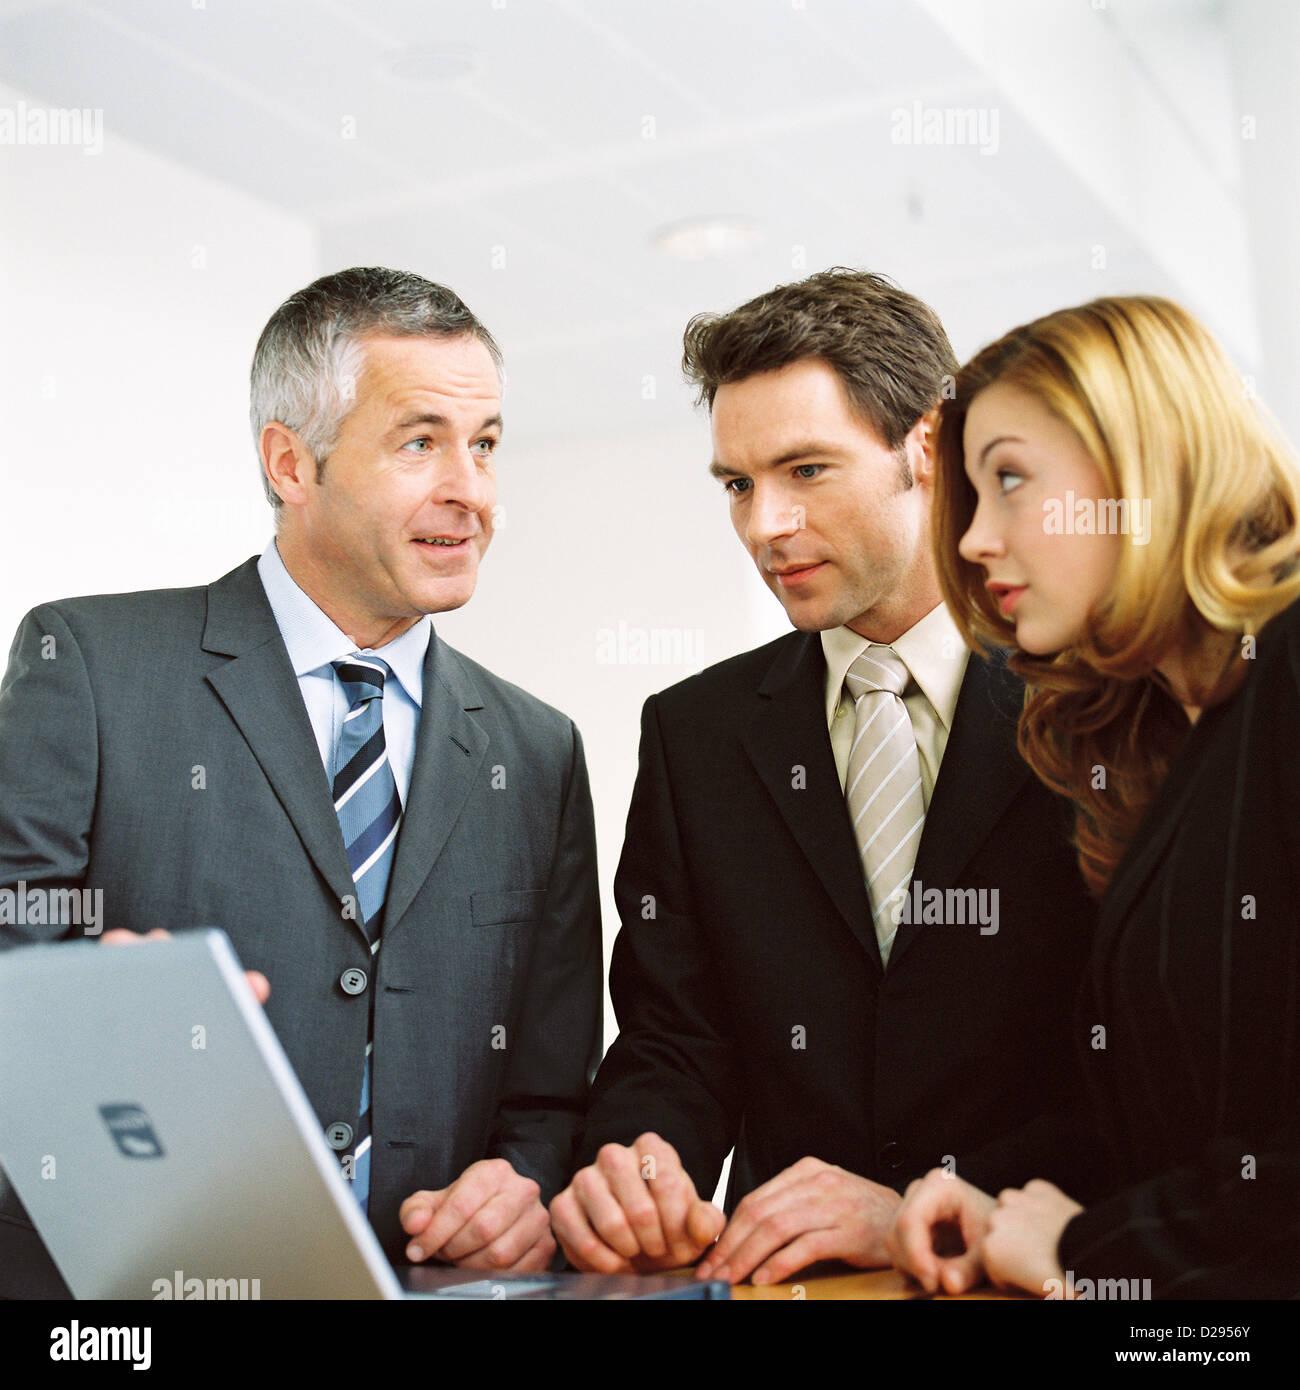 Business-Leute Mann Frau mit Laptop lizenzfrei außer anzeigen und Reklametafeln Stockbild